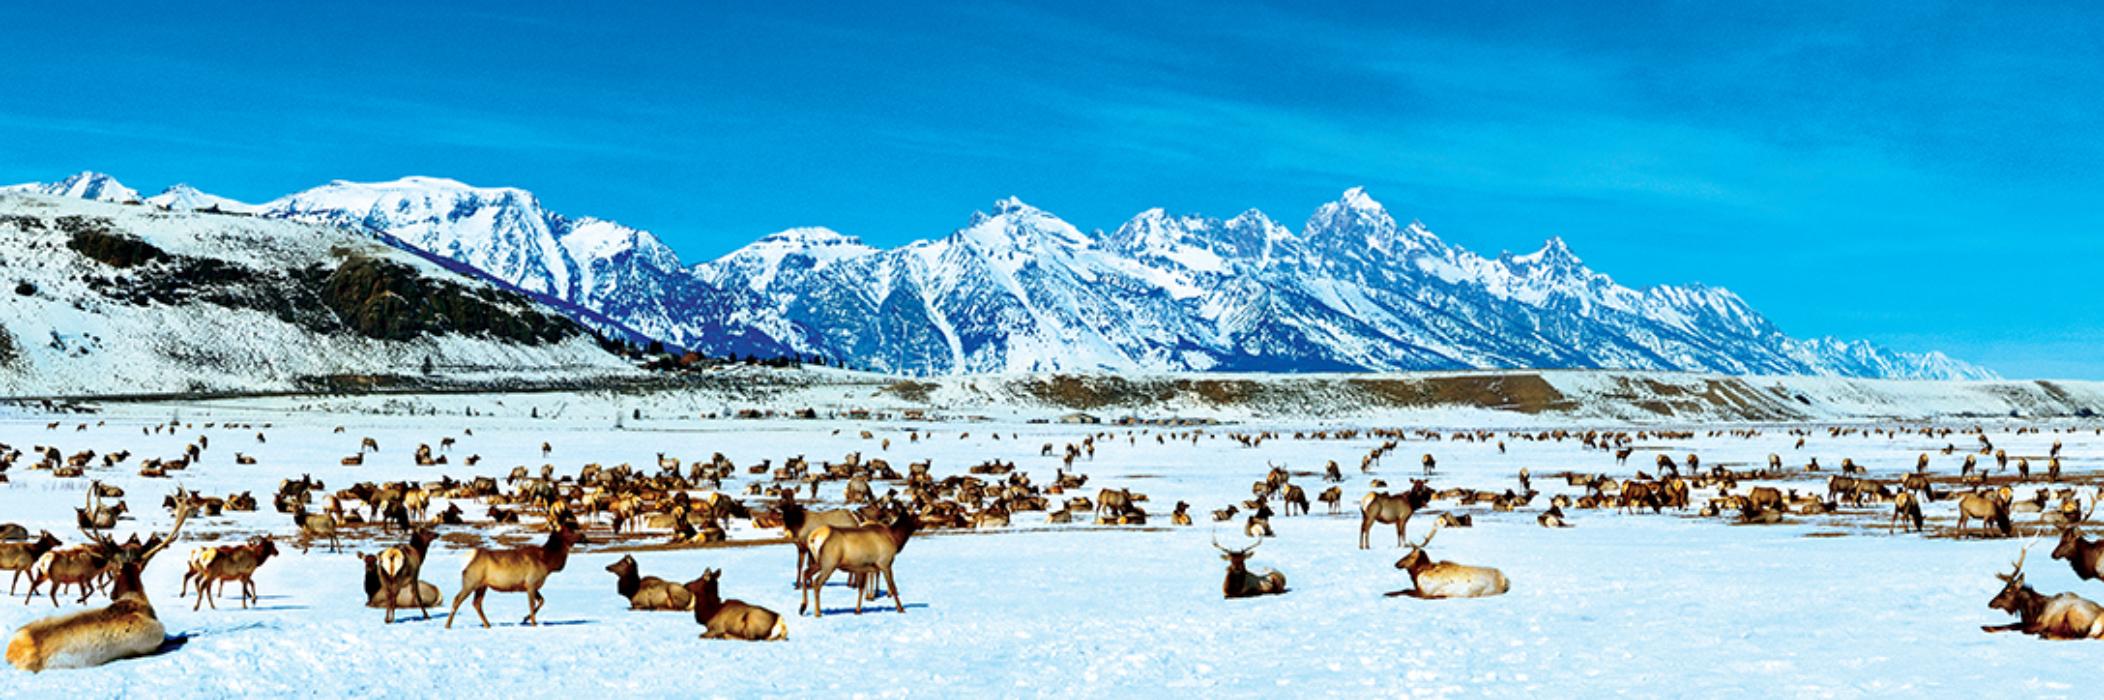 Elk Refuge Wildlife Jigsaw Puzzle